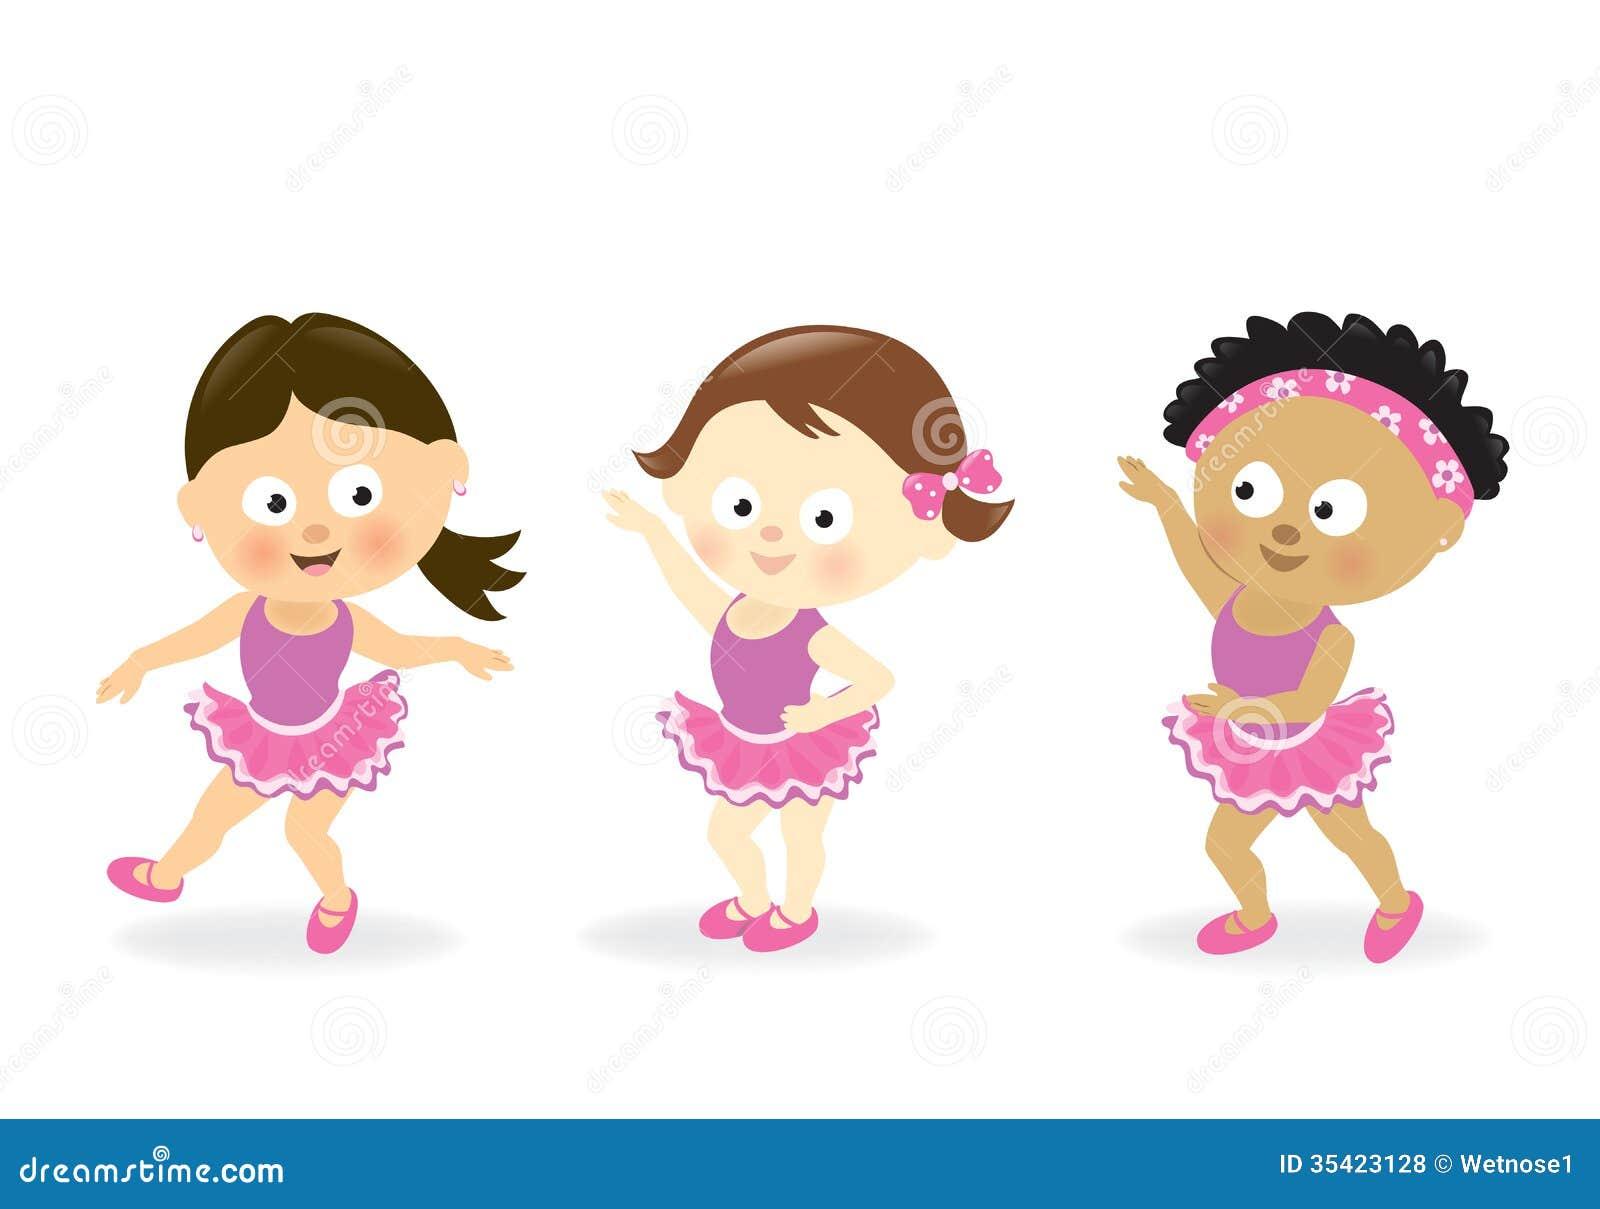 Girls Dancing Royalty Free Stock Photos - Image: 35423128